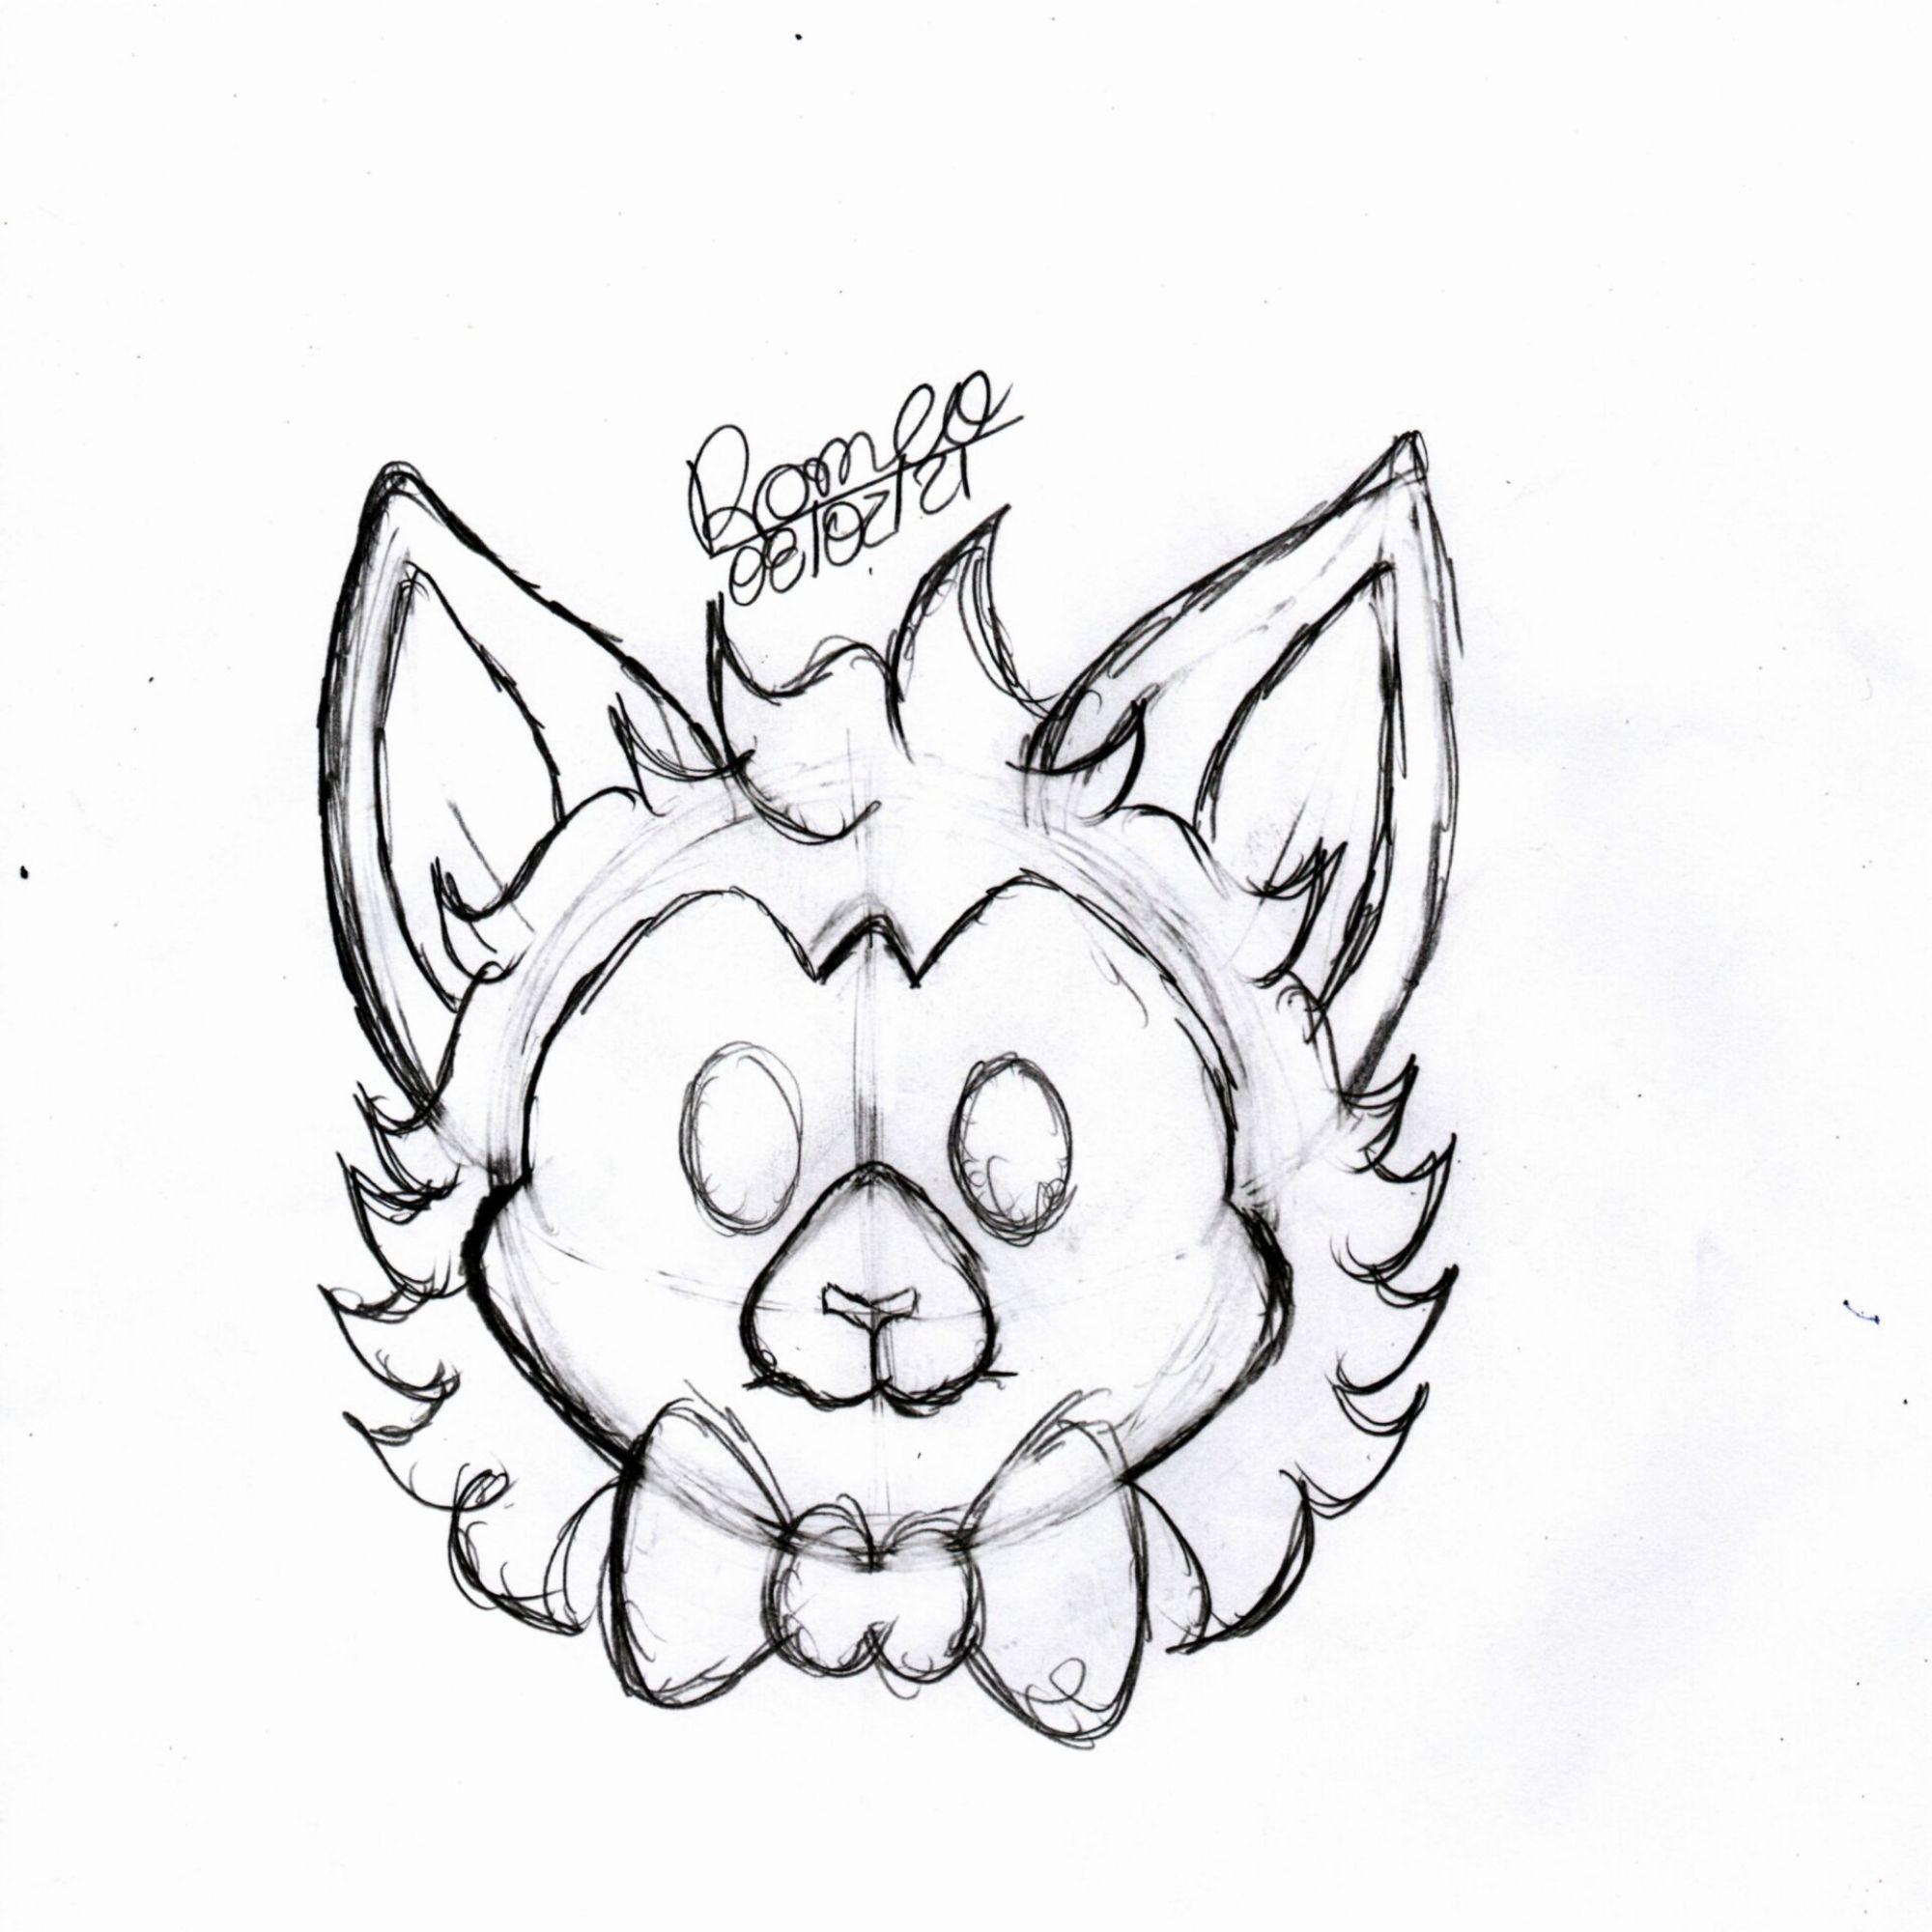 Apenas um desenho simples do Wonny